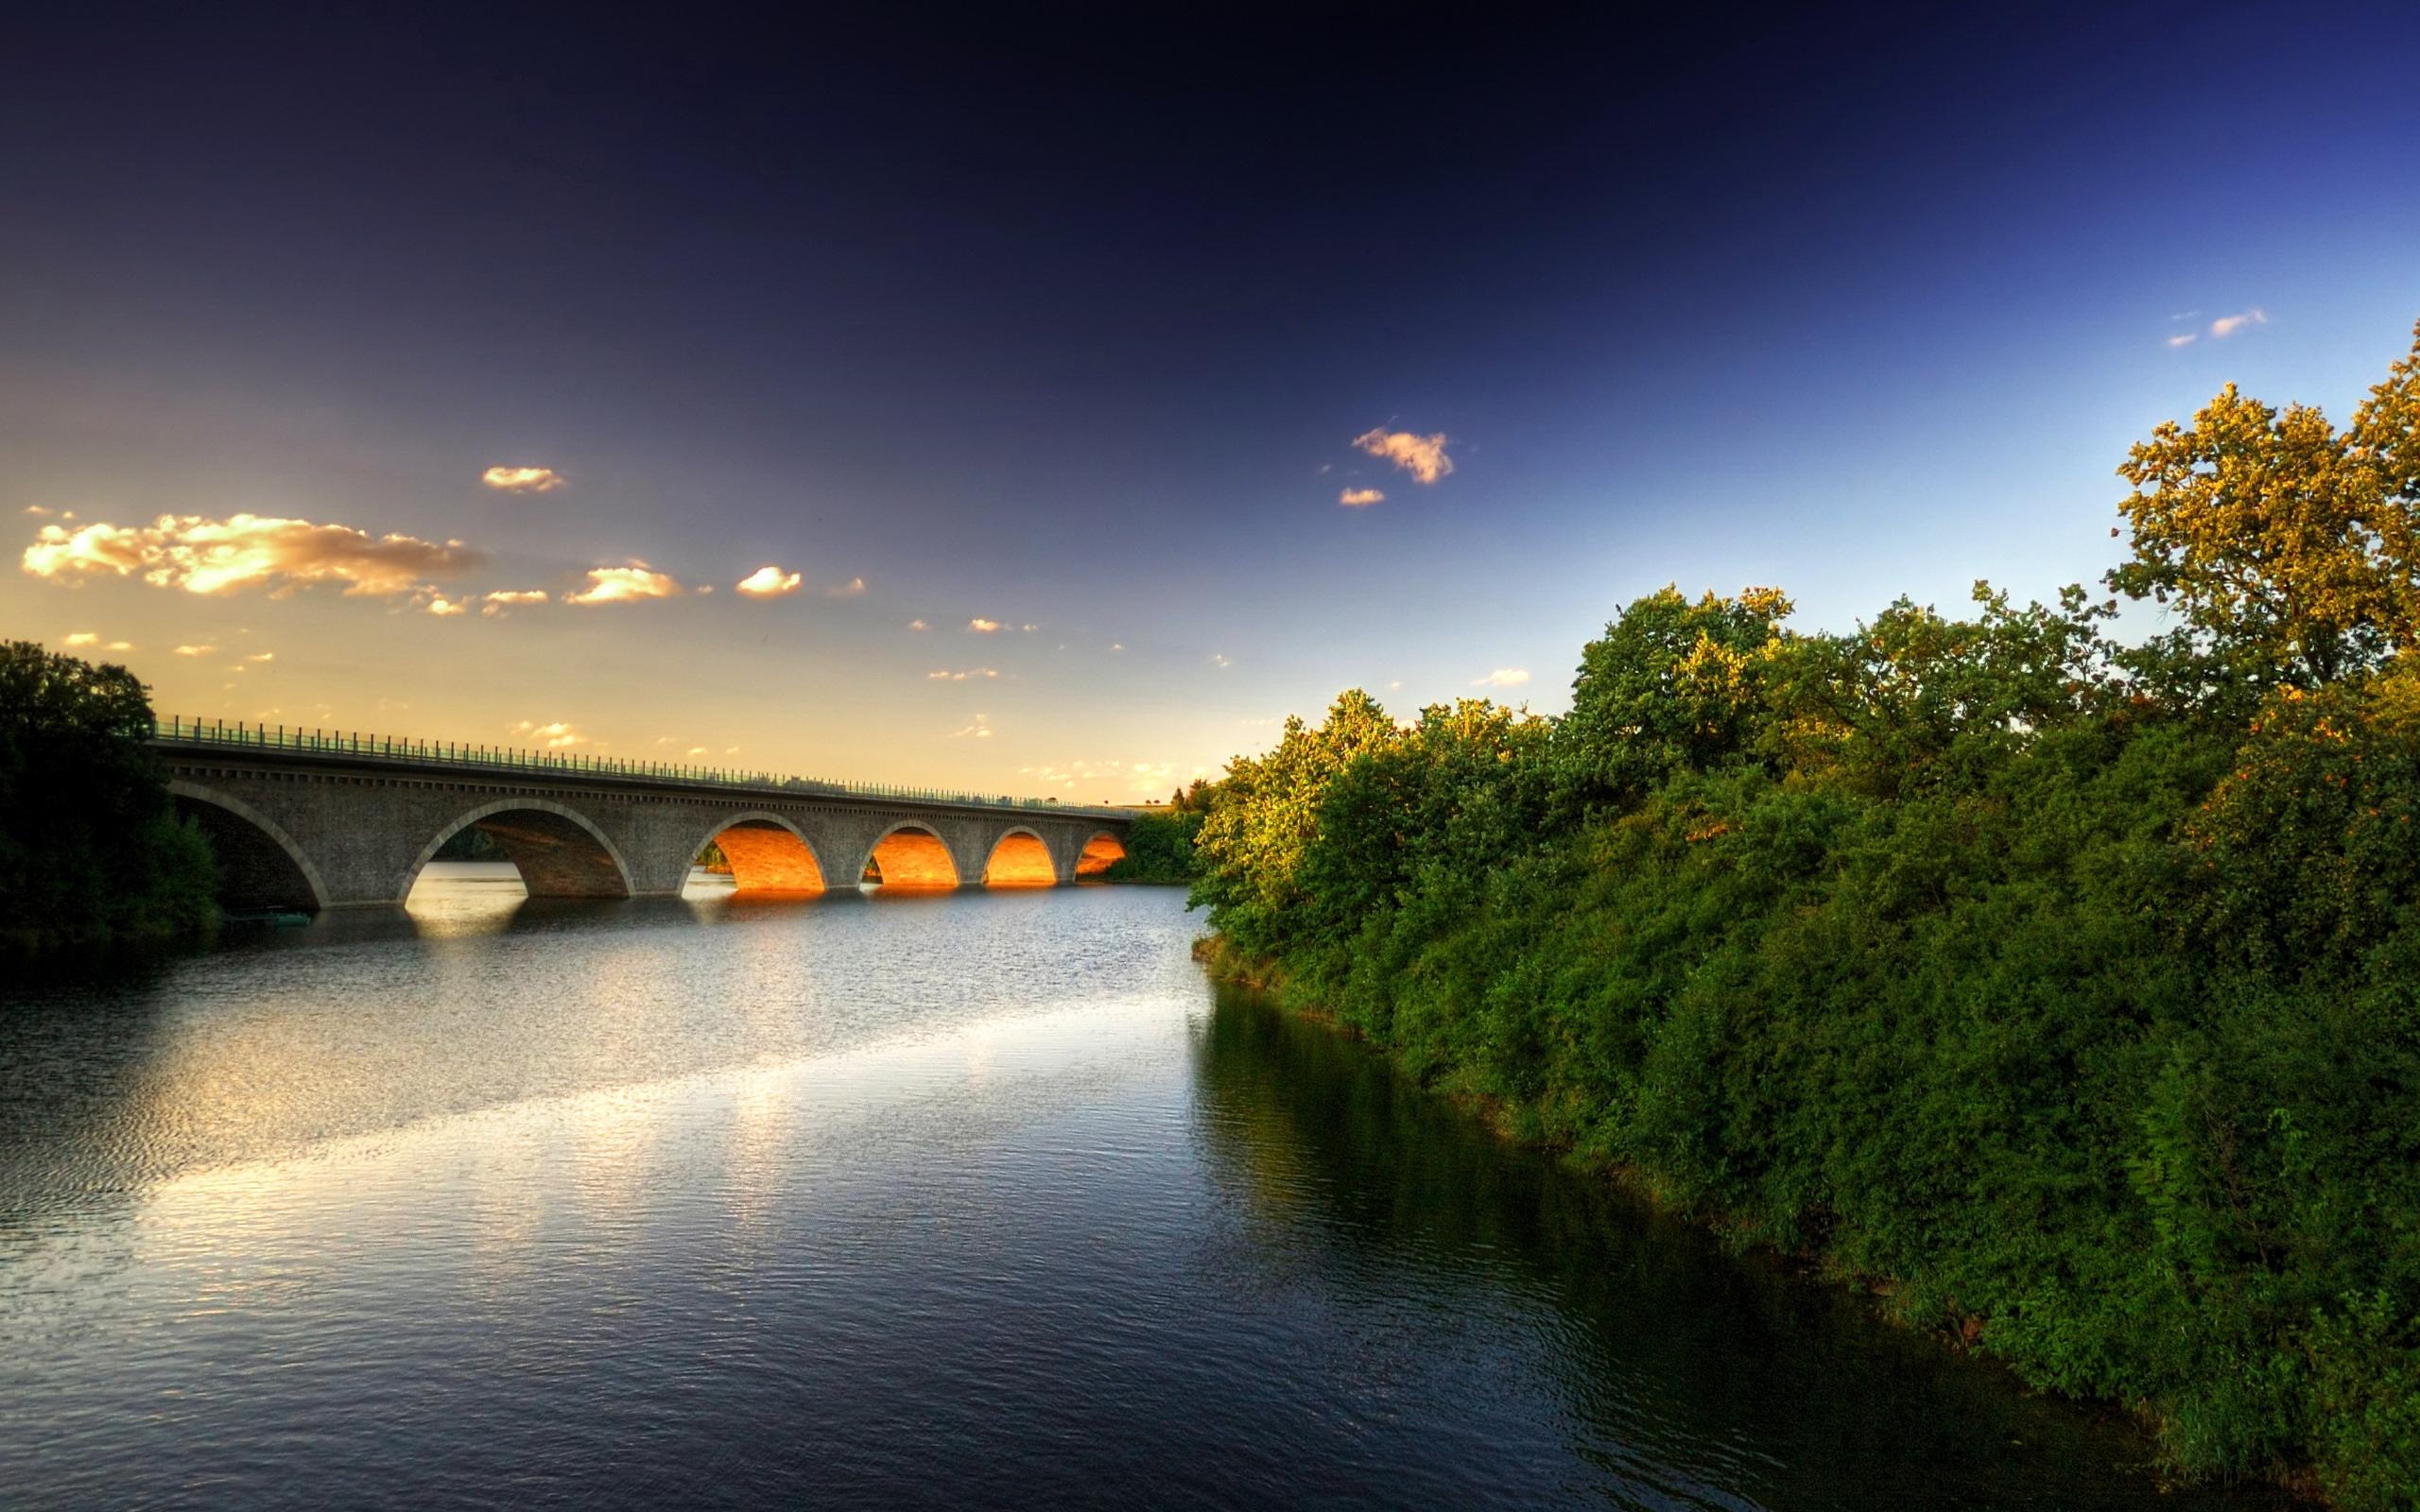 Puentes de piedra bellos - 2560x1600